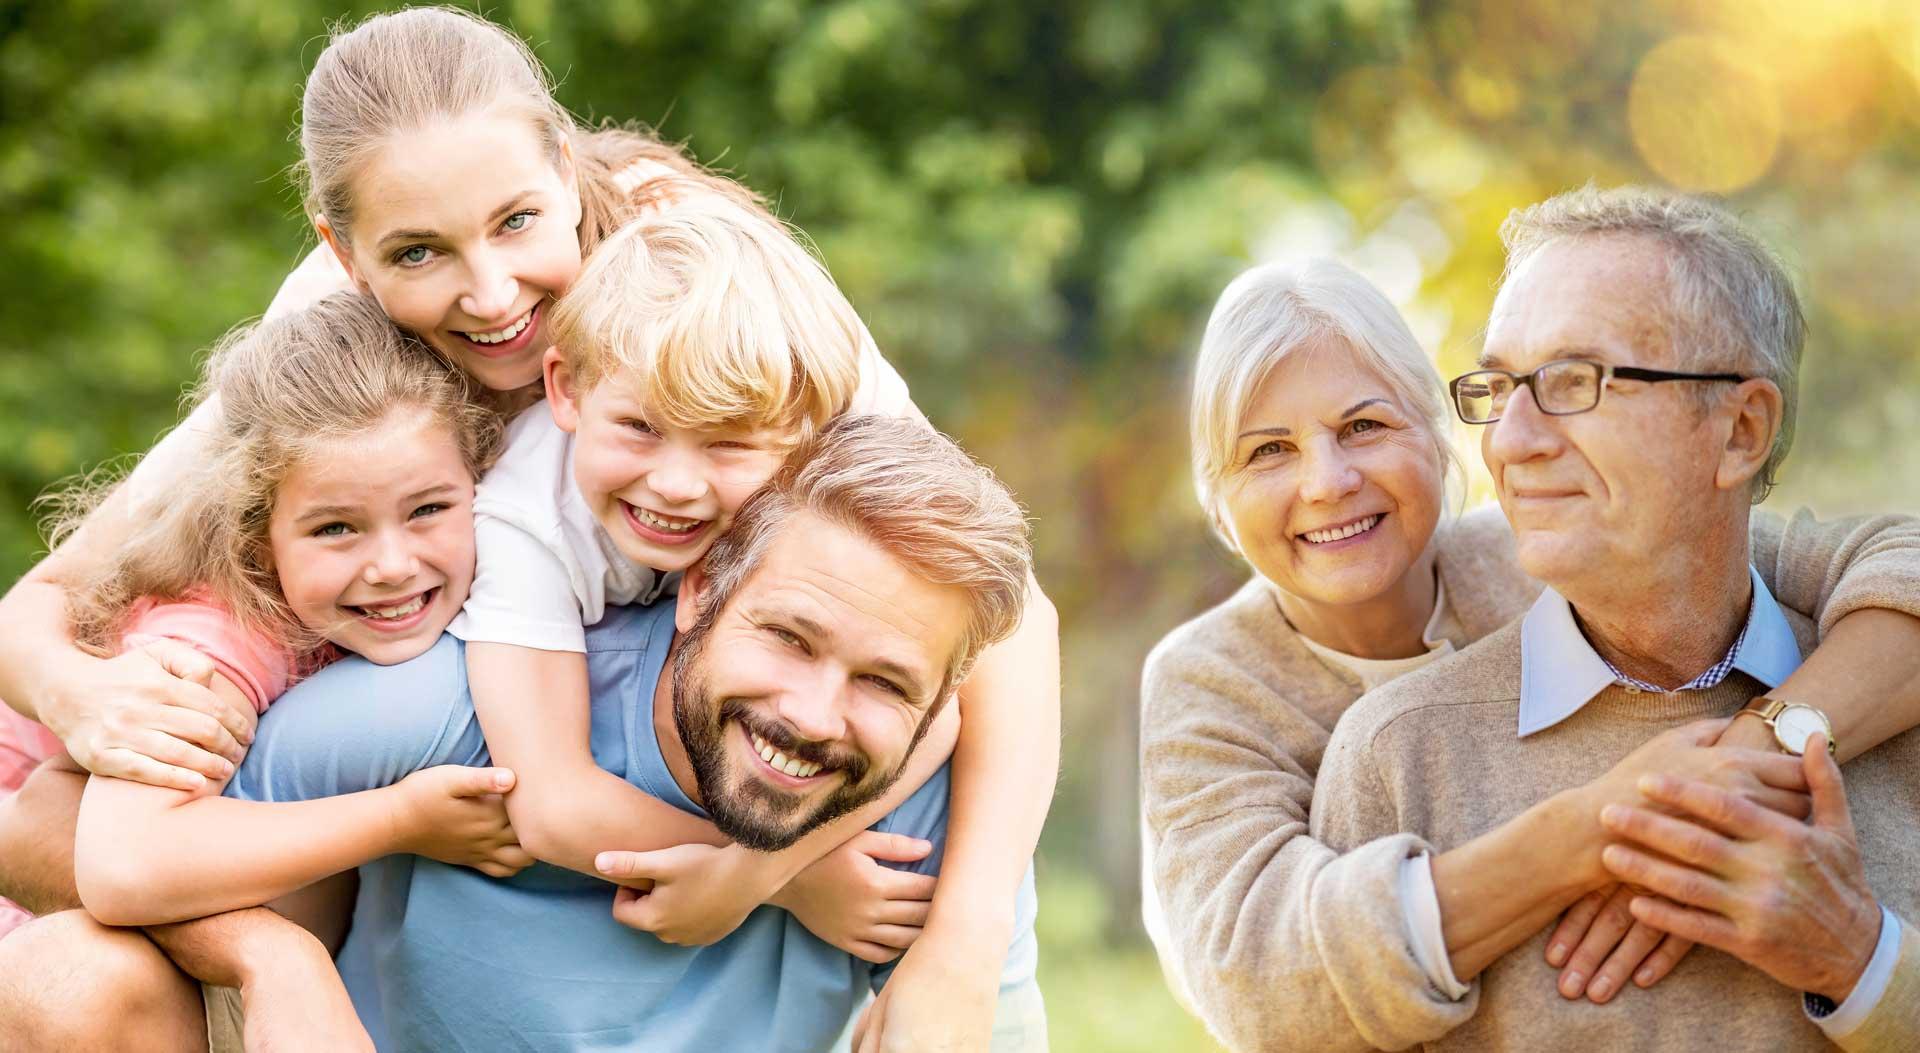 Wohnungen für Generationen